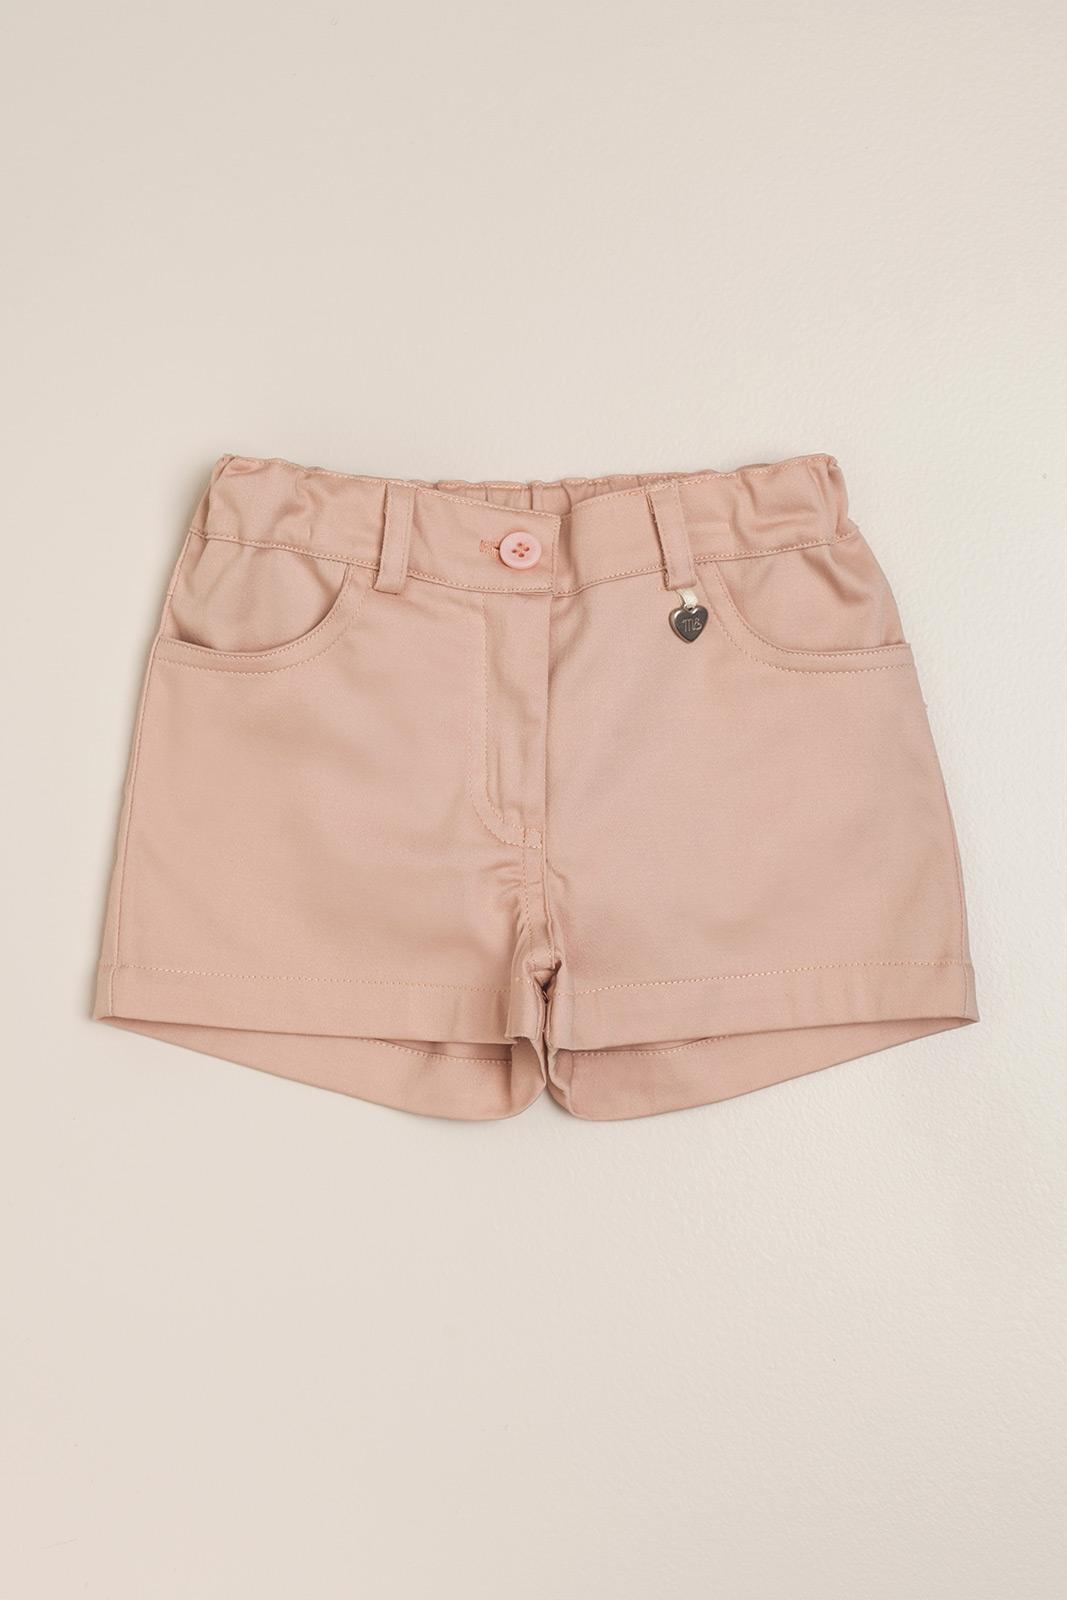 Short de nena rosa